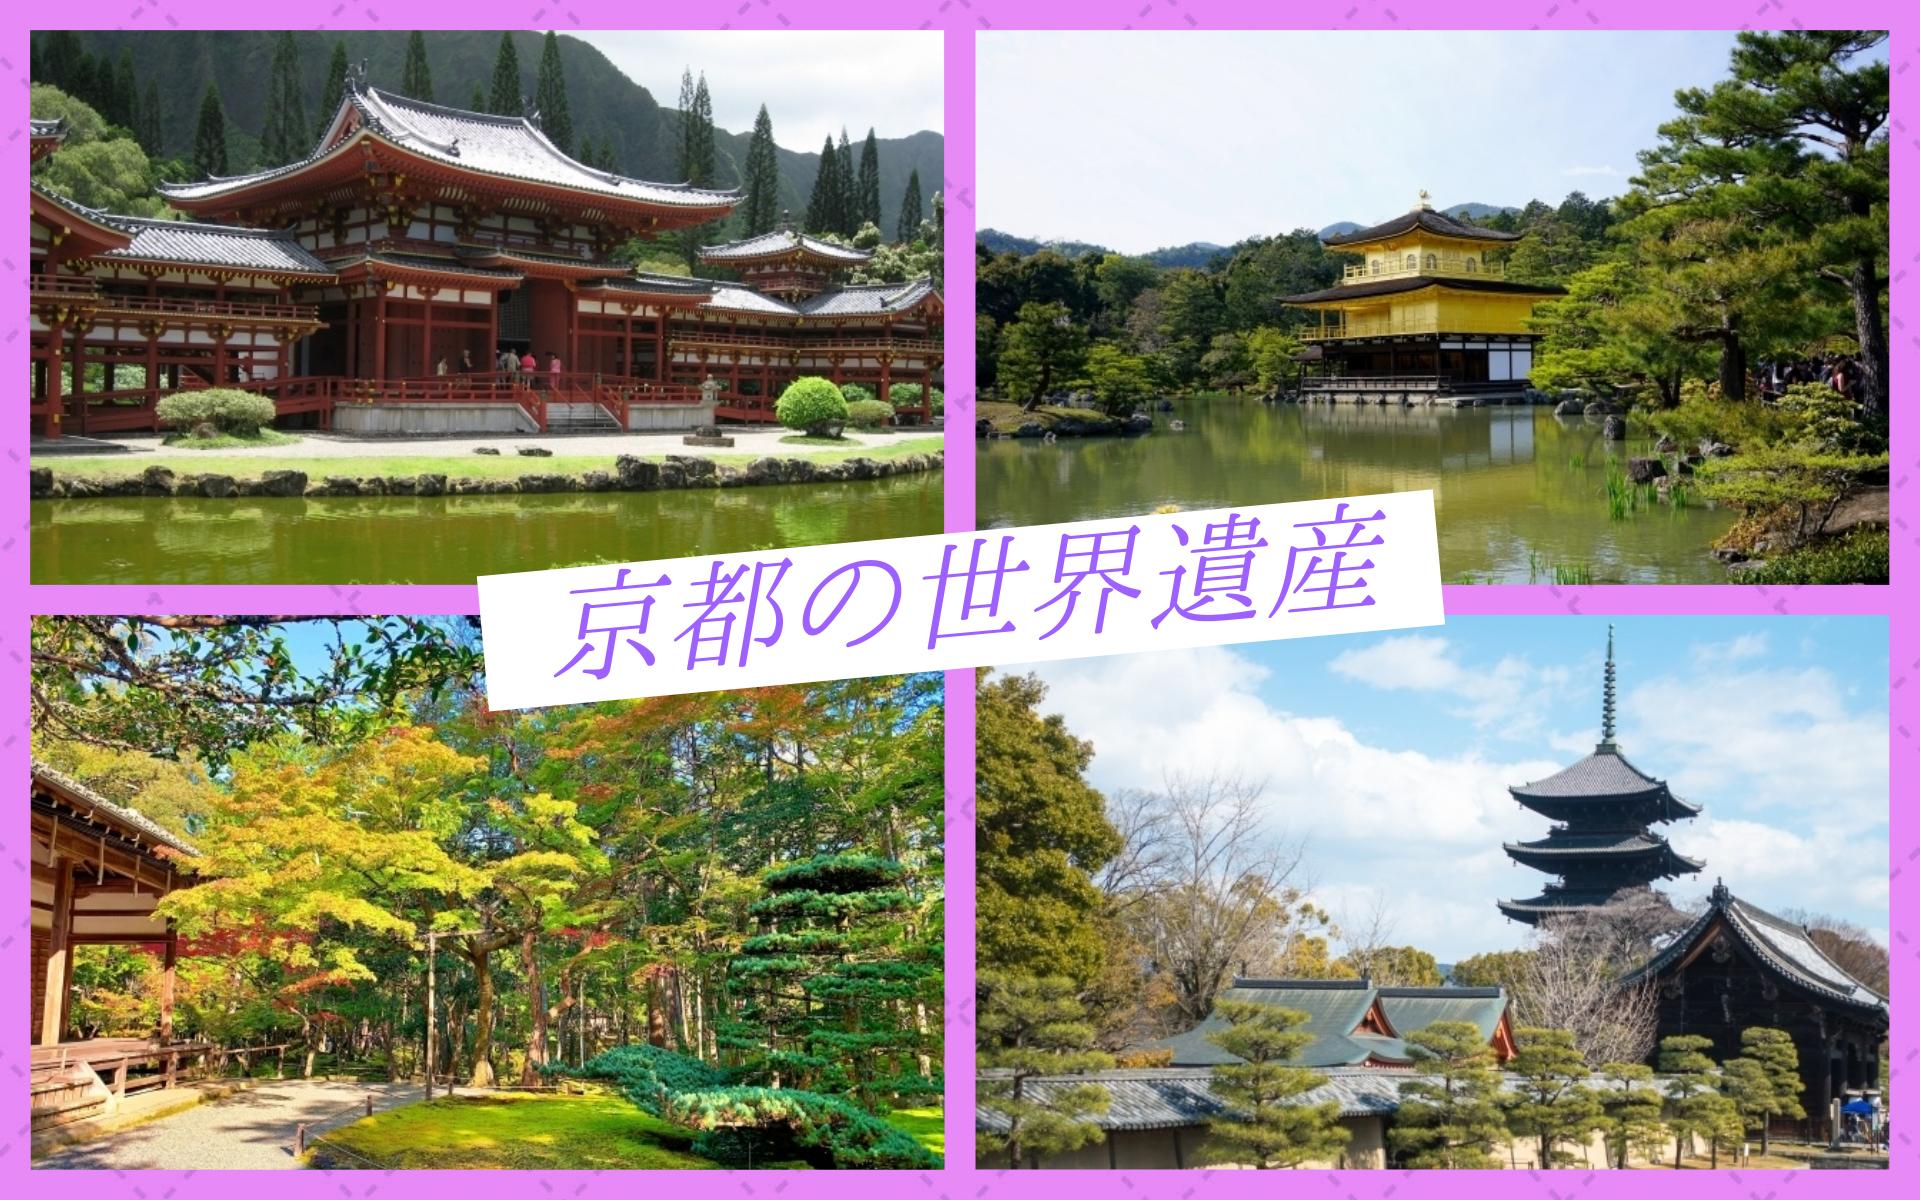 京都の世界遺産は【古都京都の文化財】全17ヶ所をご案内